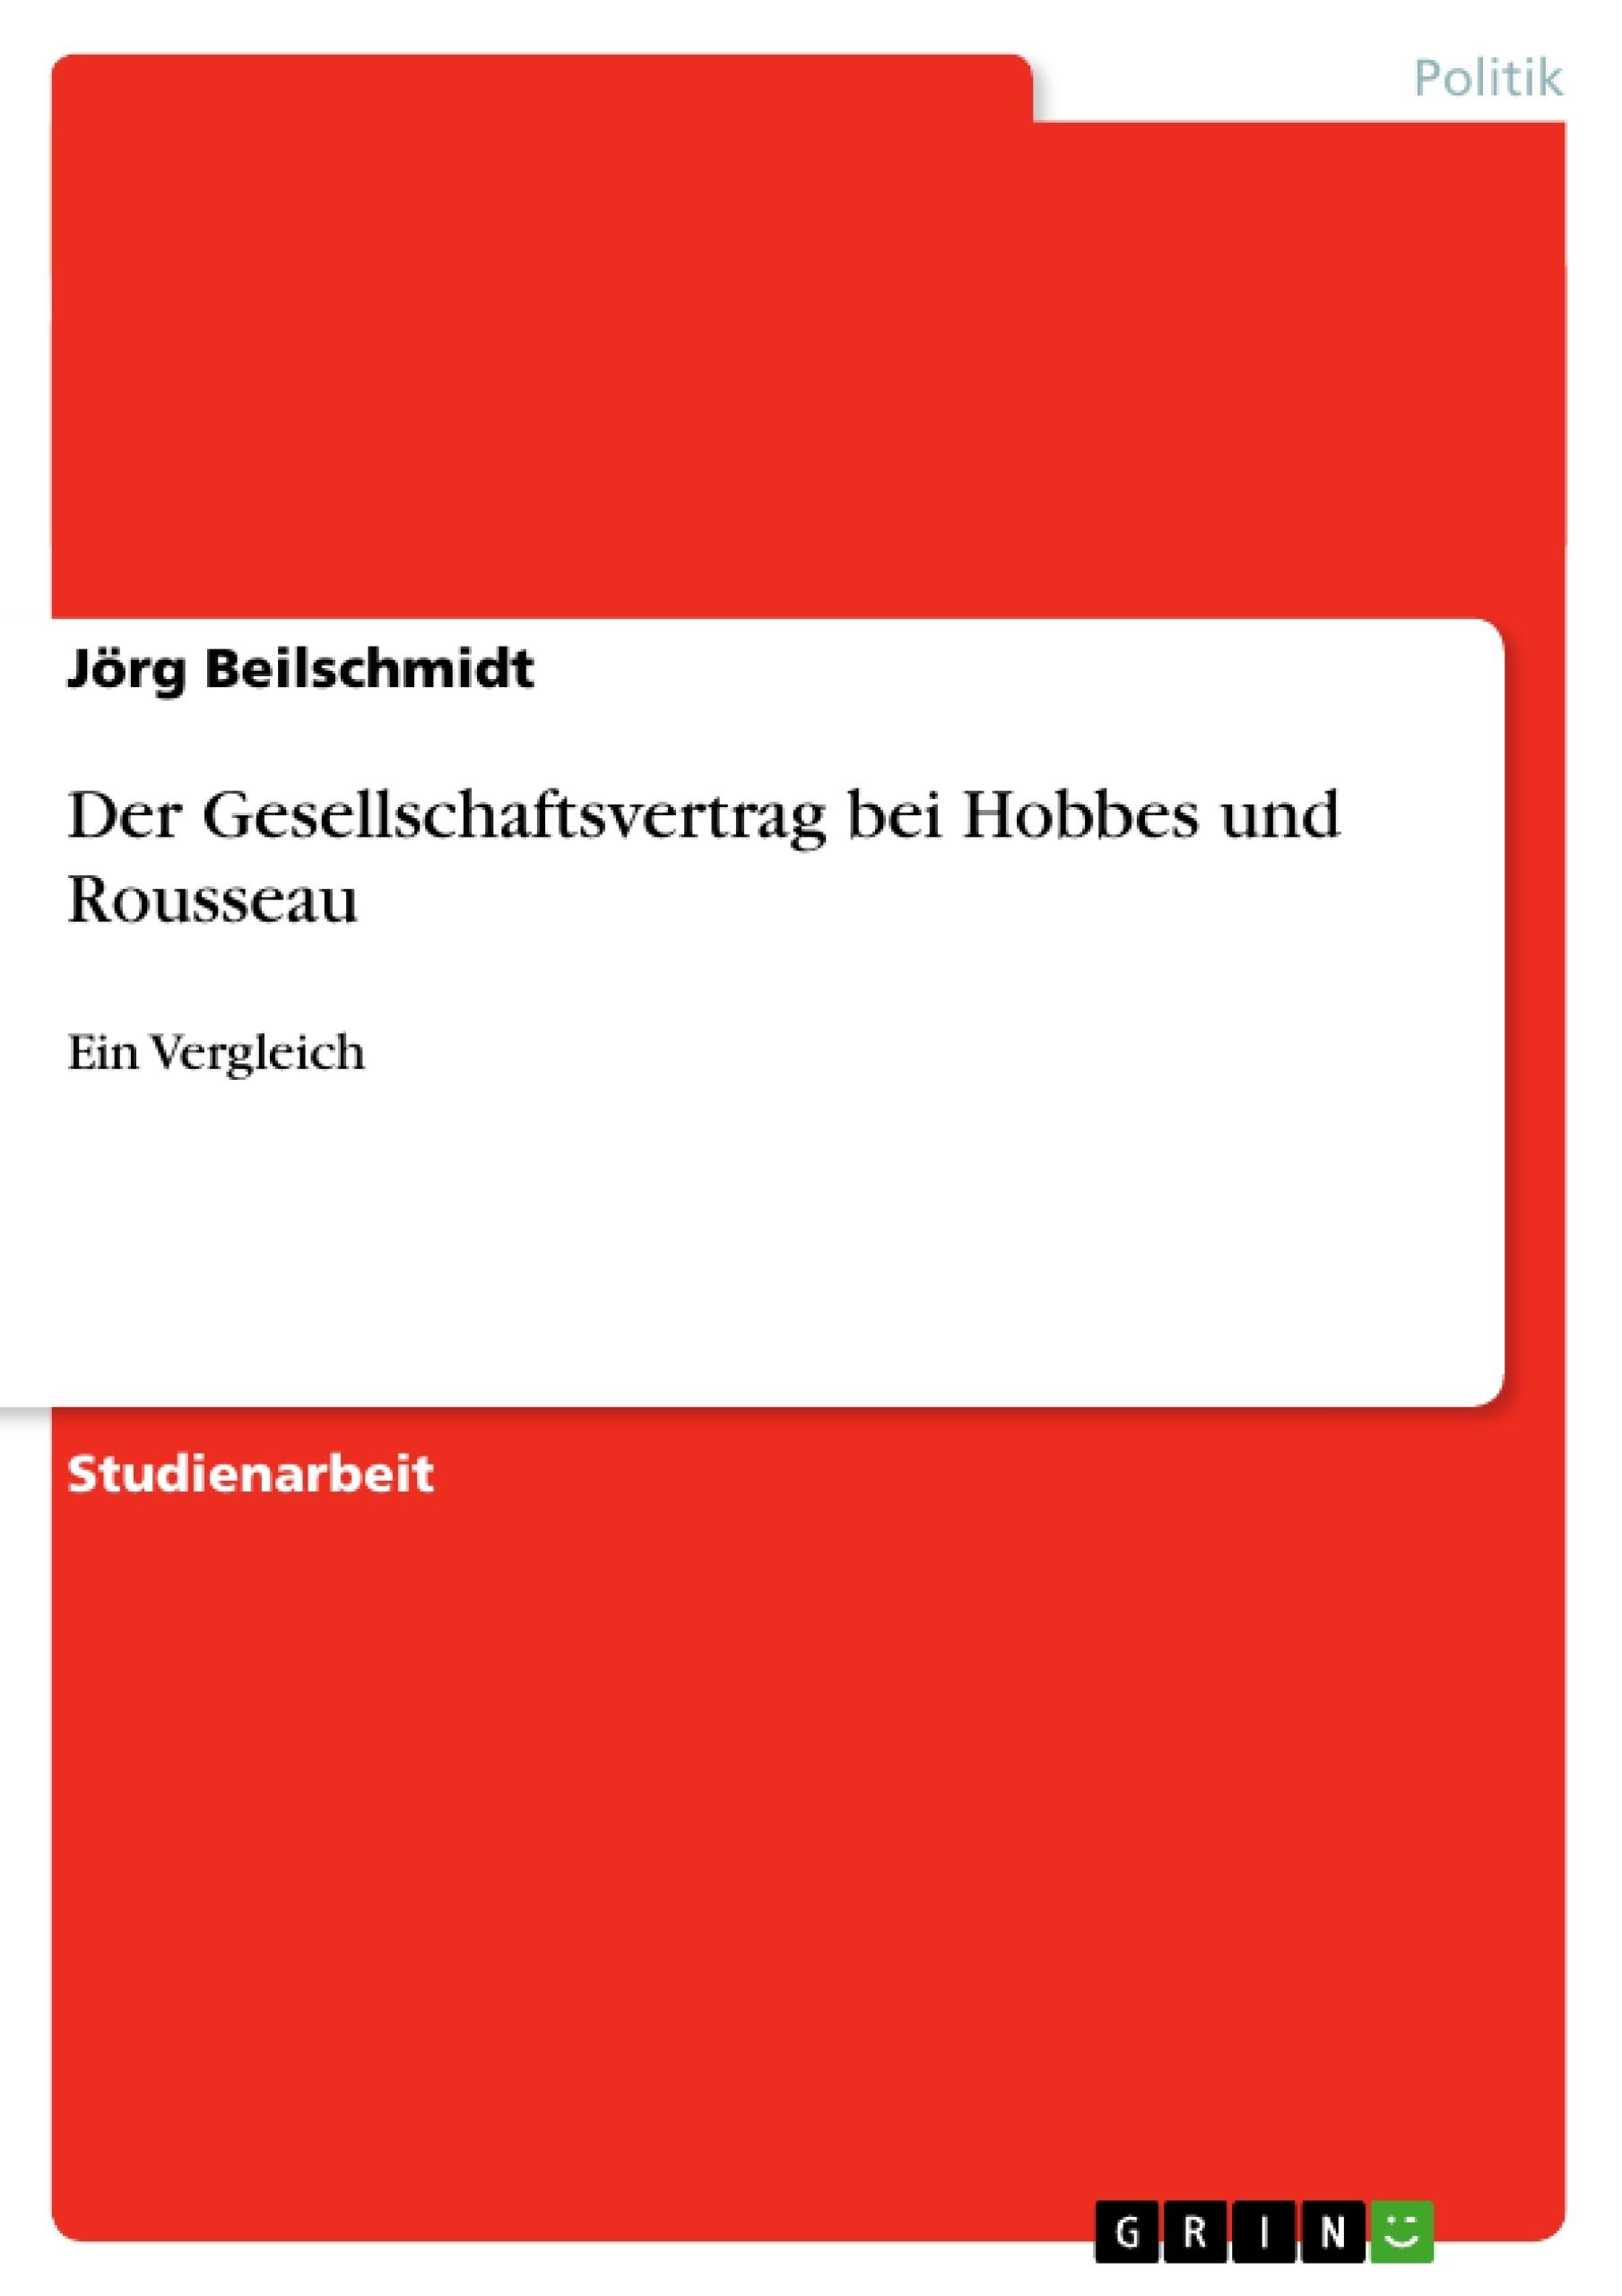 Titel: Der Gesellschaftsvertrag bei Hobbes und Rousseau